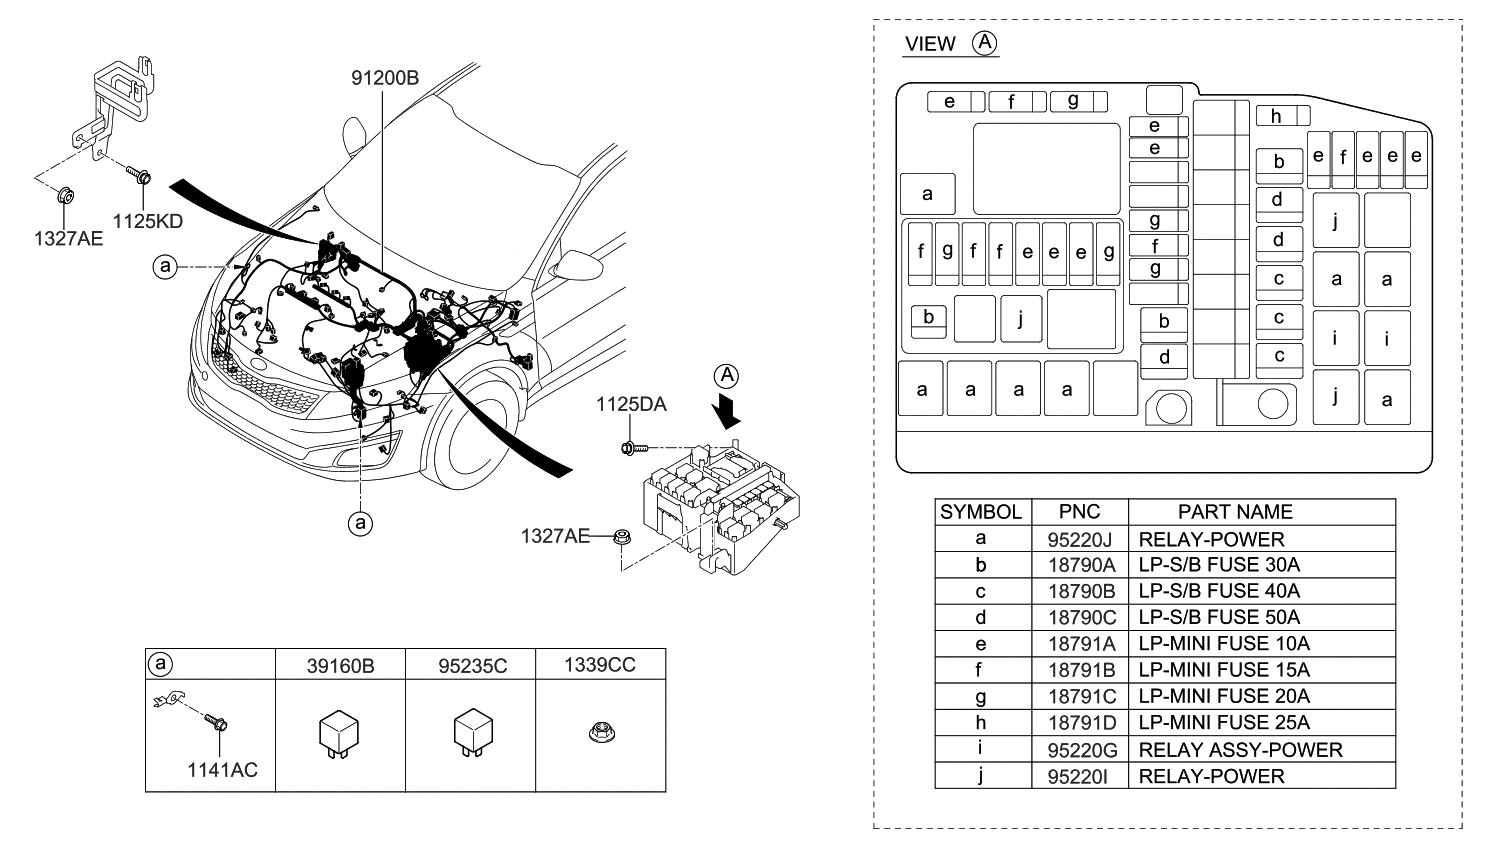 2015 kia optima korean made front wiring kia parts now rh kiapartsnow com 2015 kia optima wiring diagram horn 2015 kia optima wiring diagram